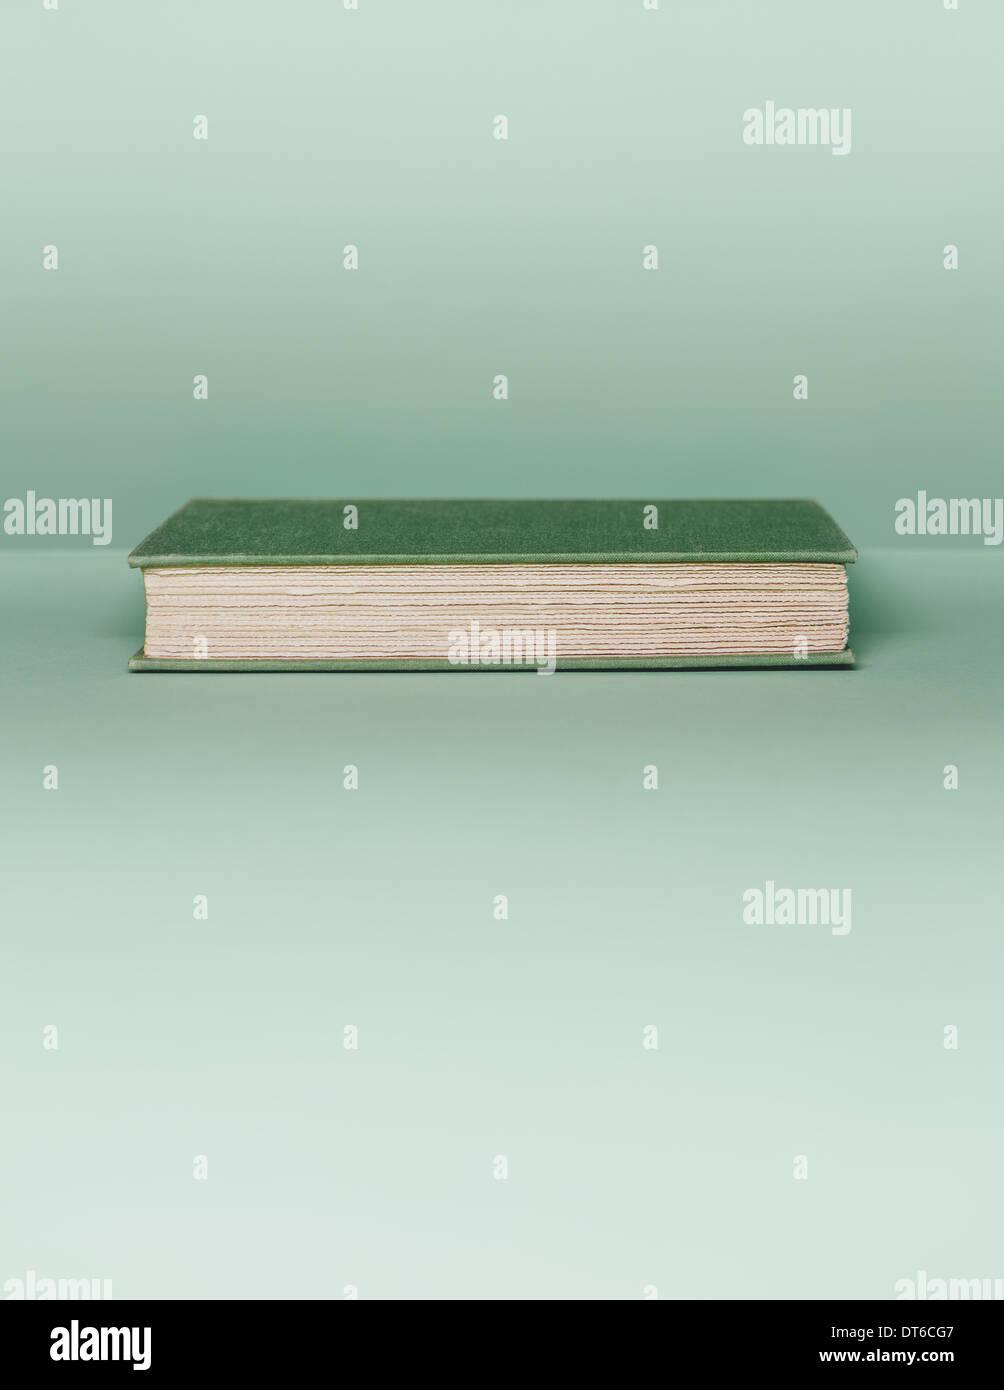 Ein Hardcover-Buch mit einem grünen Deckel und Weißbuch Seitenränder, liegend auf einem blassen Grün Stockbild